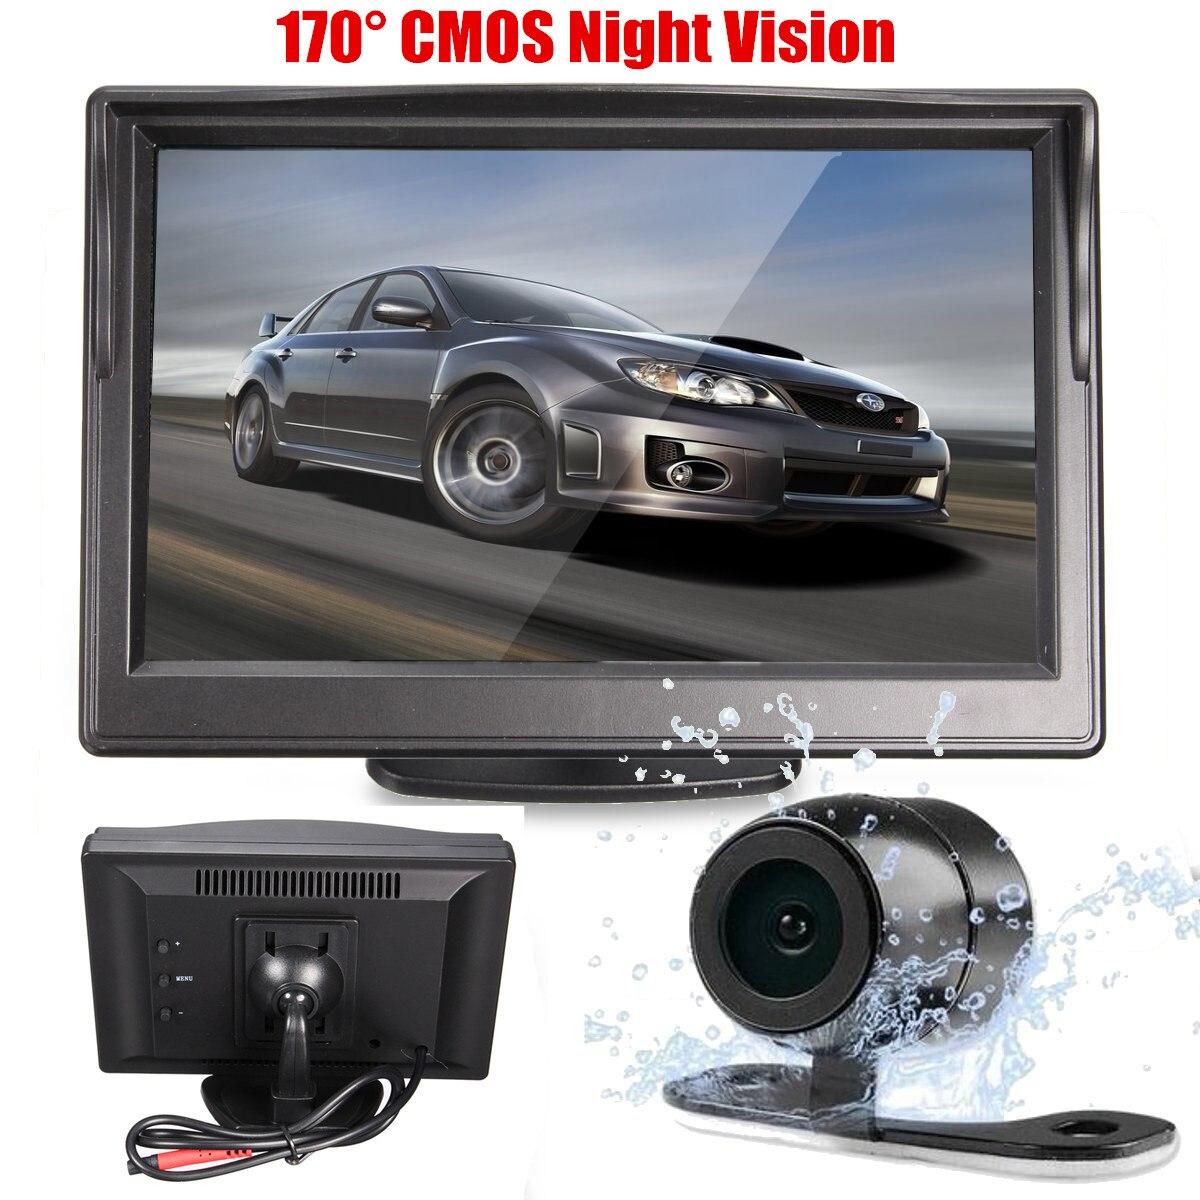 5 Cal wyświetlacz tft lcd Monitor widok z tyłu samochodu Backup ekran monitora wstecznego + kamera parkowania HD Night Vision